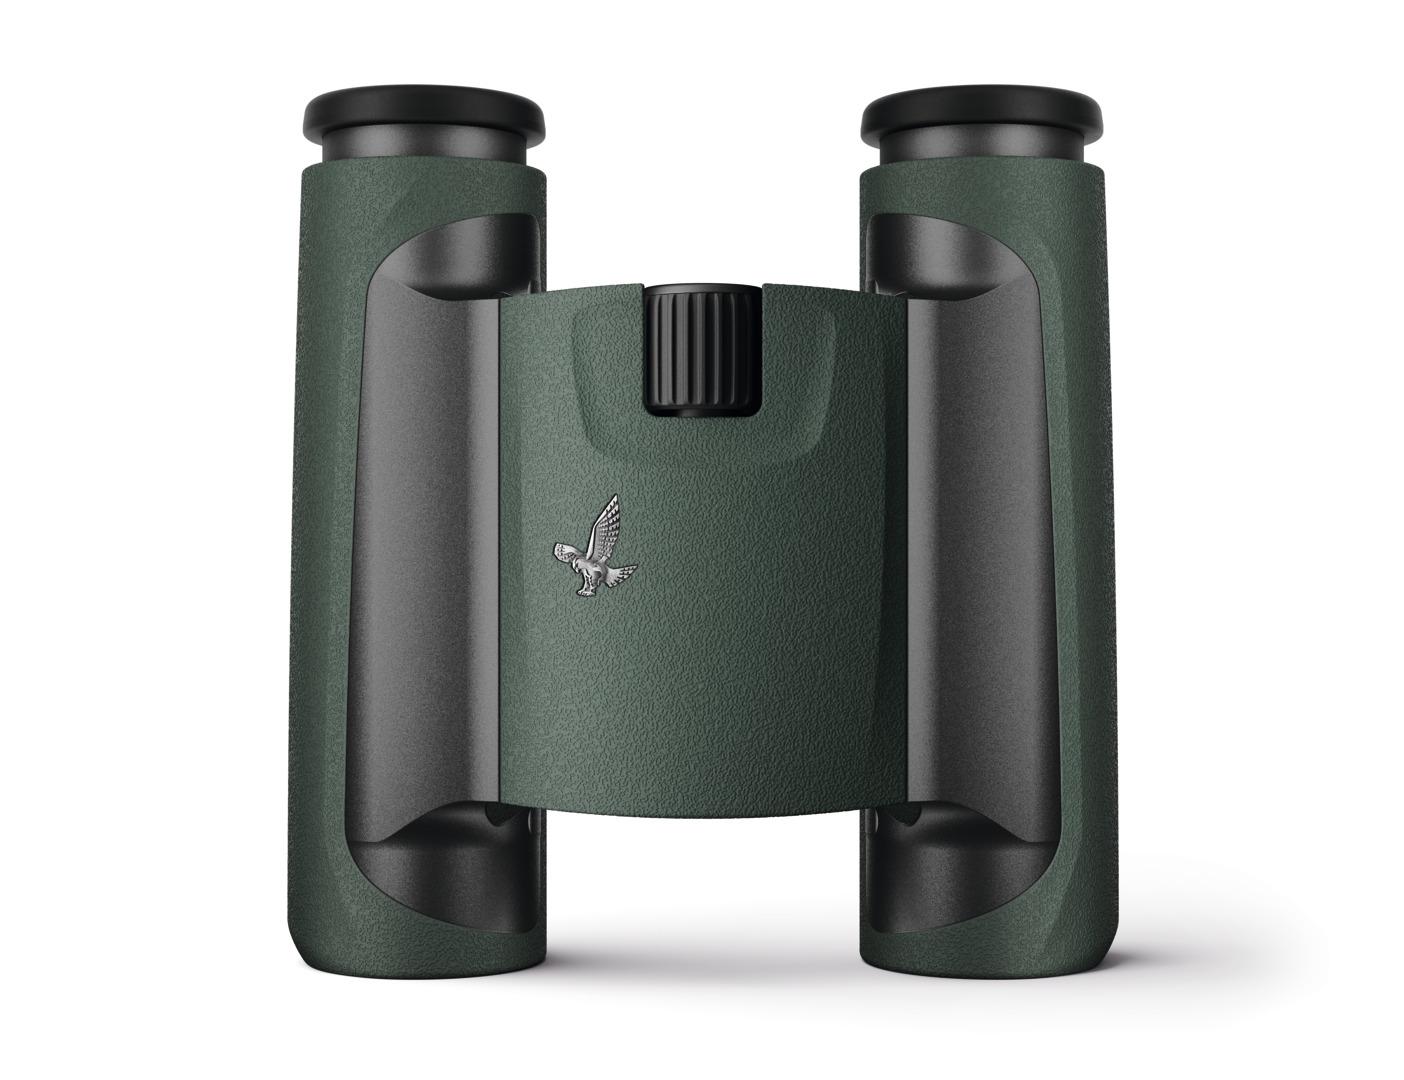 Ďalekohľad Swarovski CL Pocket 8x25 B